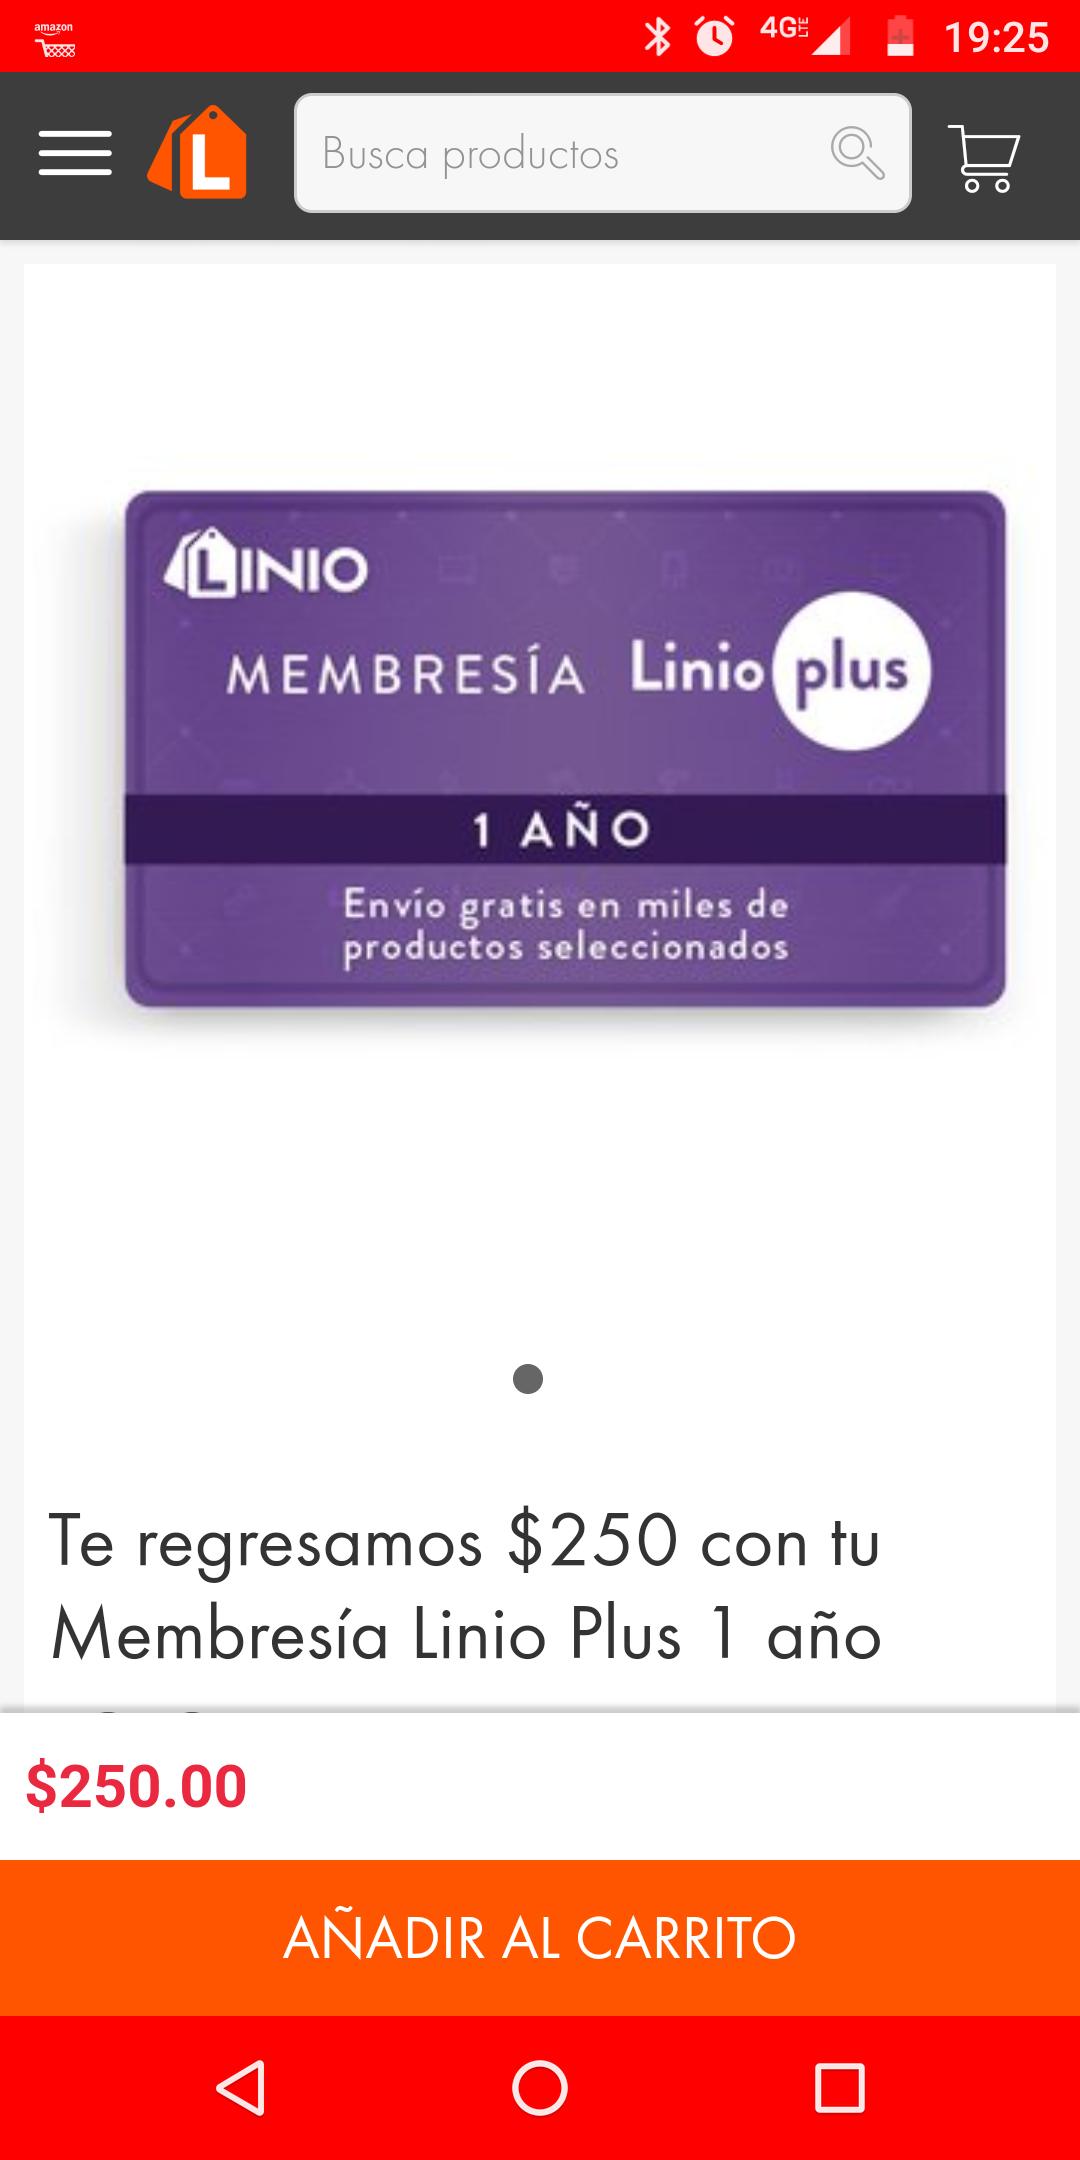 Linio. Membresía Linio Plus. Reembolso en cupón el costo de la membresía